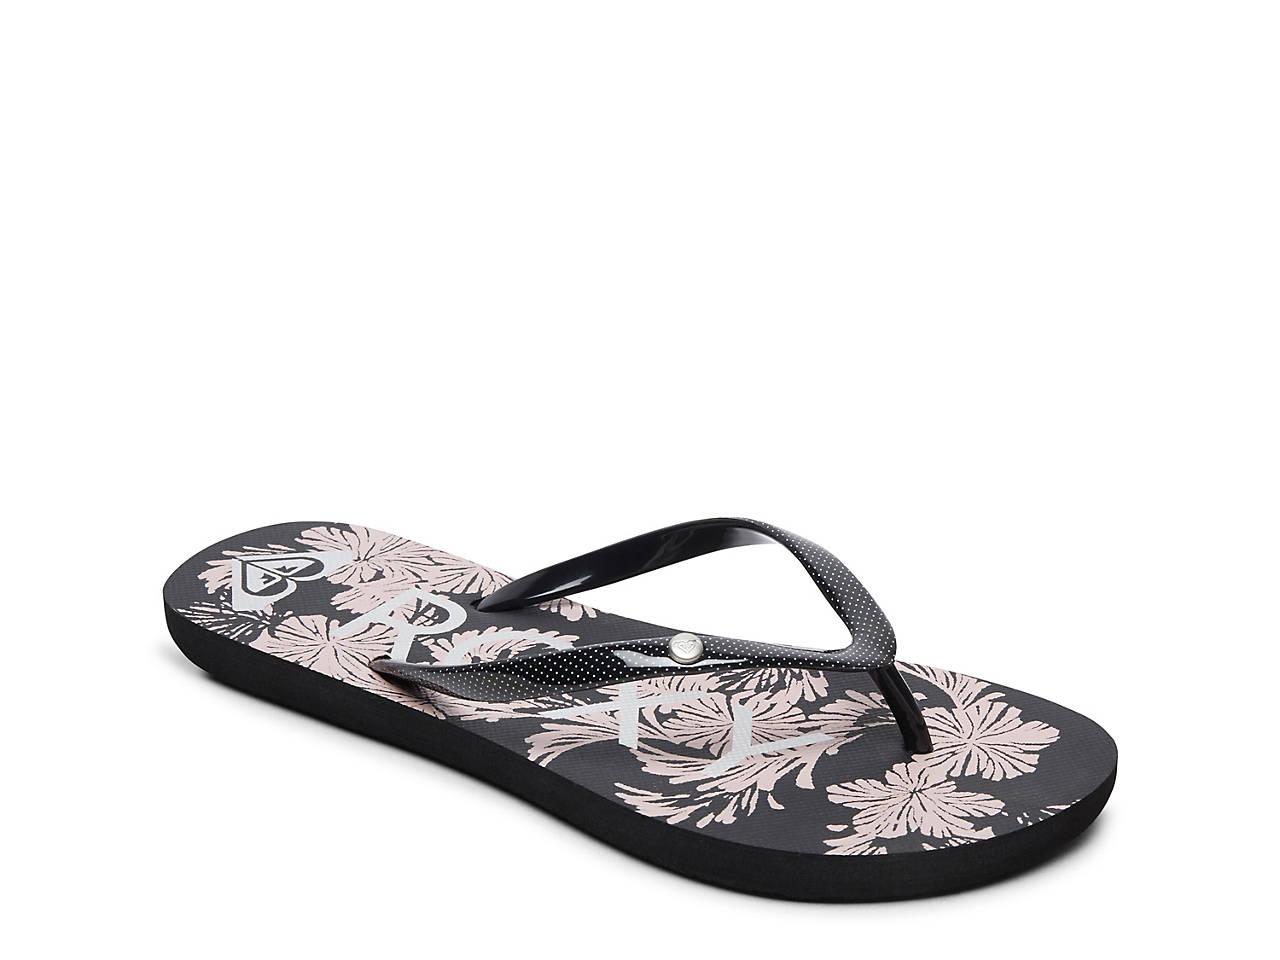 8841490b1 Roxy Mai Tai V Flip Flop Women s Shoes